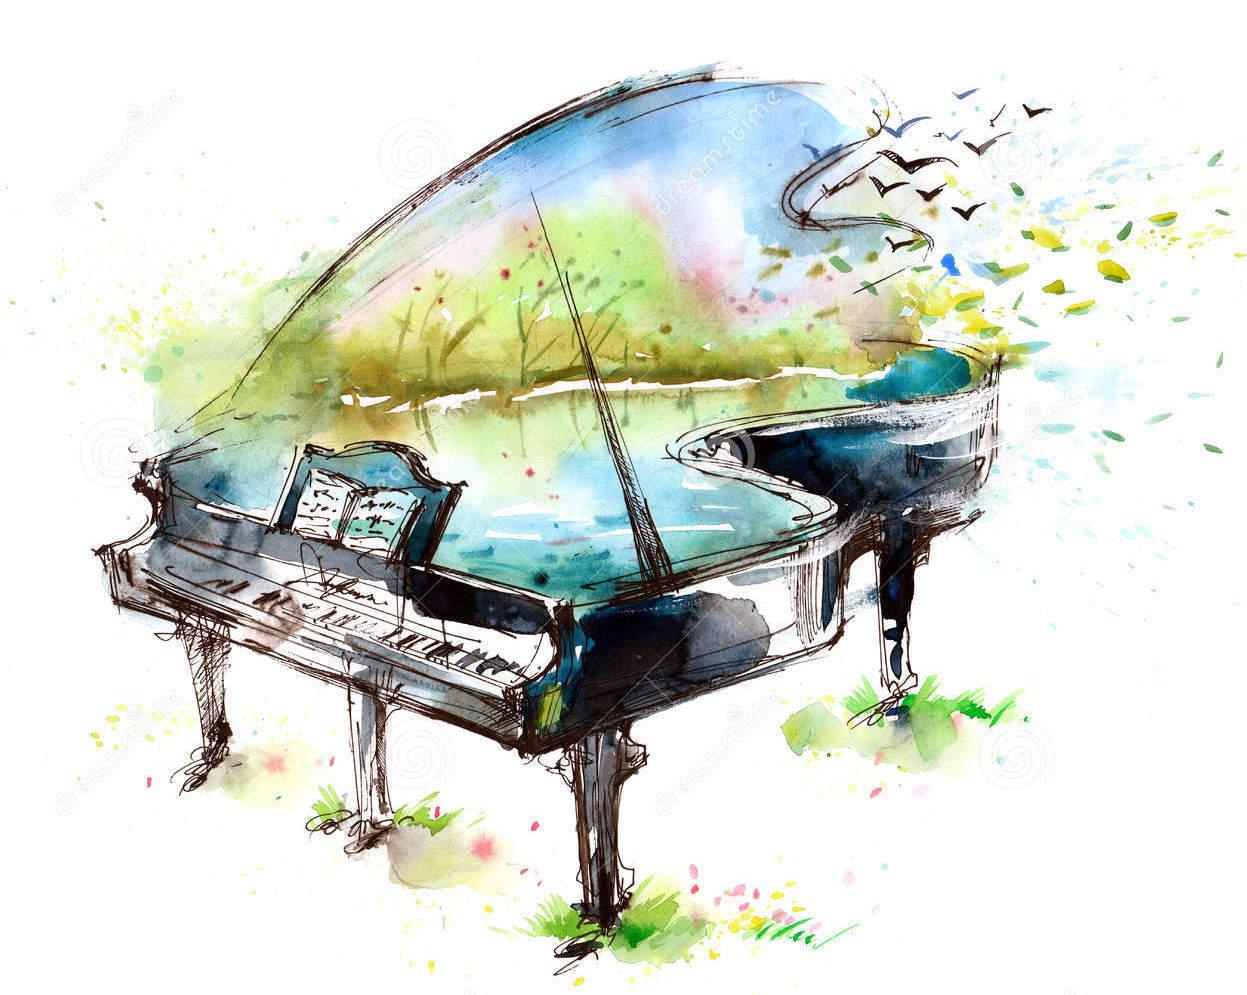 seasons-year-spring-melody-grand-piano-65546545.jpg